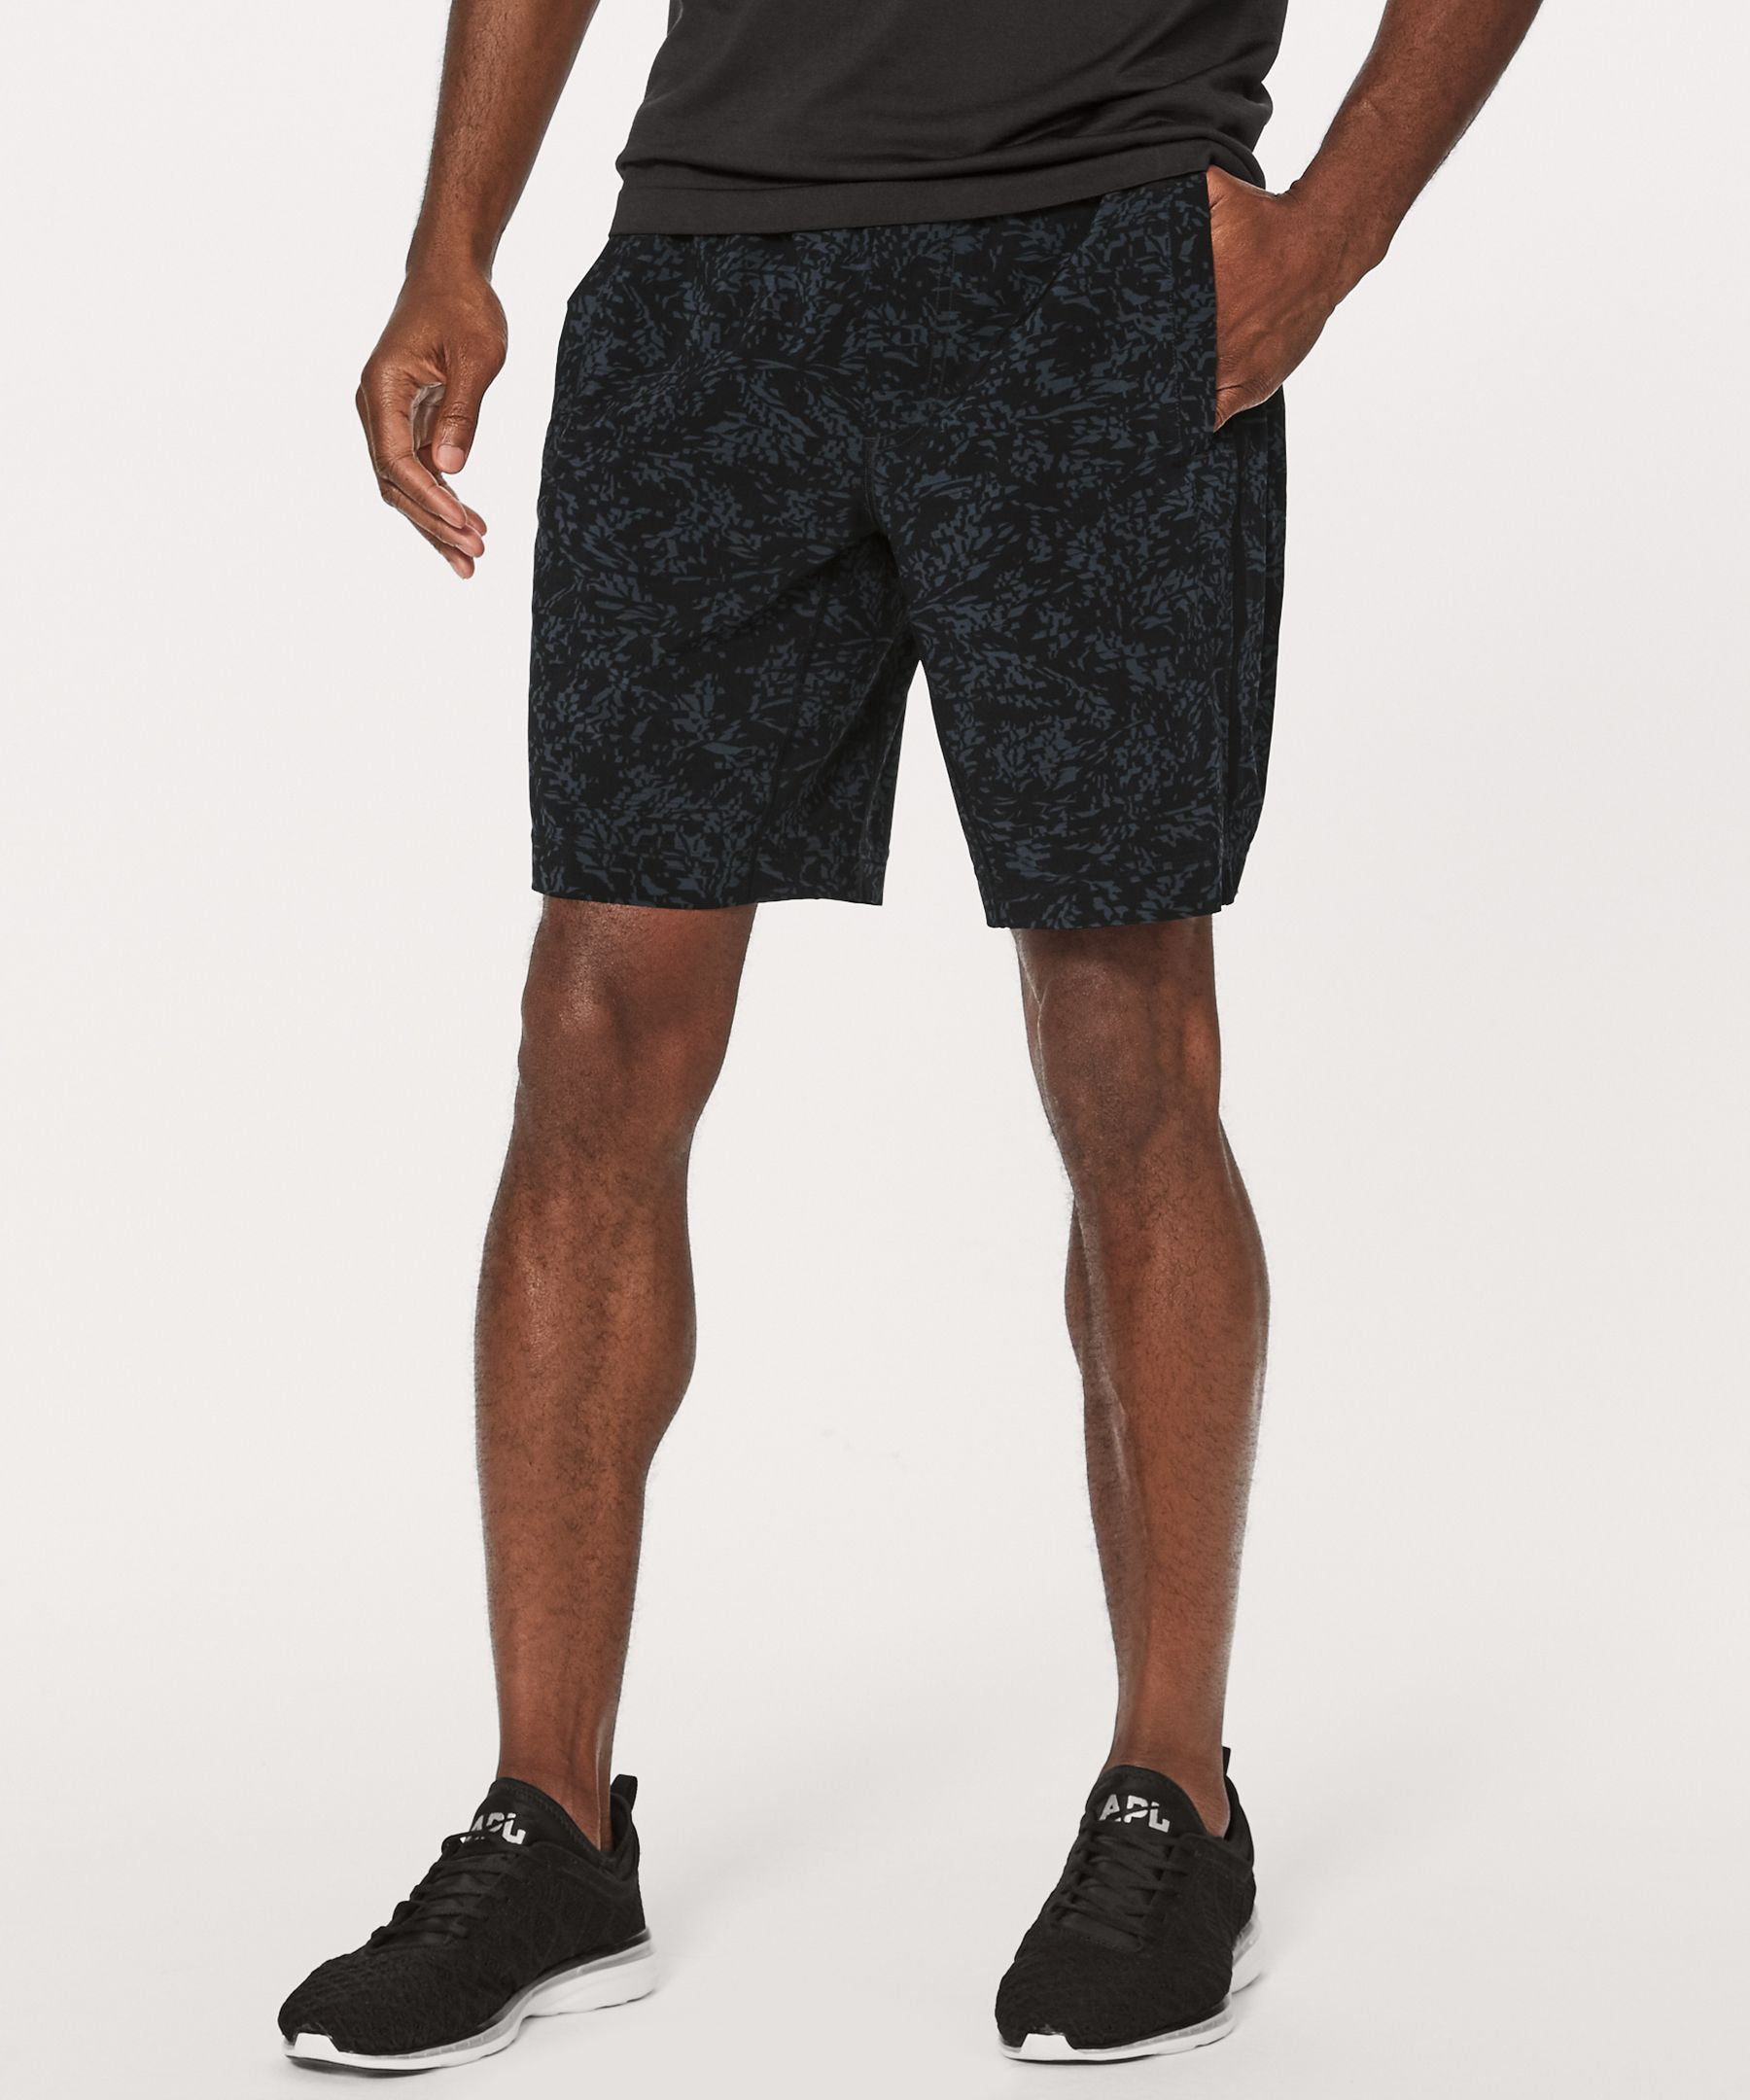 Pace breaker short 9 men 39 s shorts lululemon athletica for Online stores like lulus